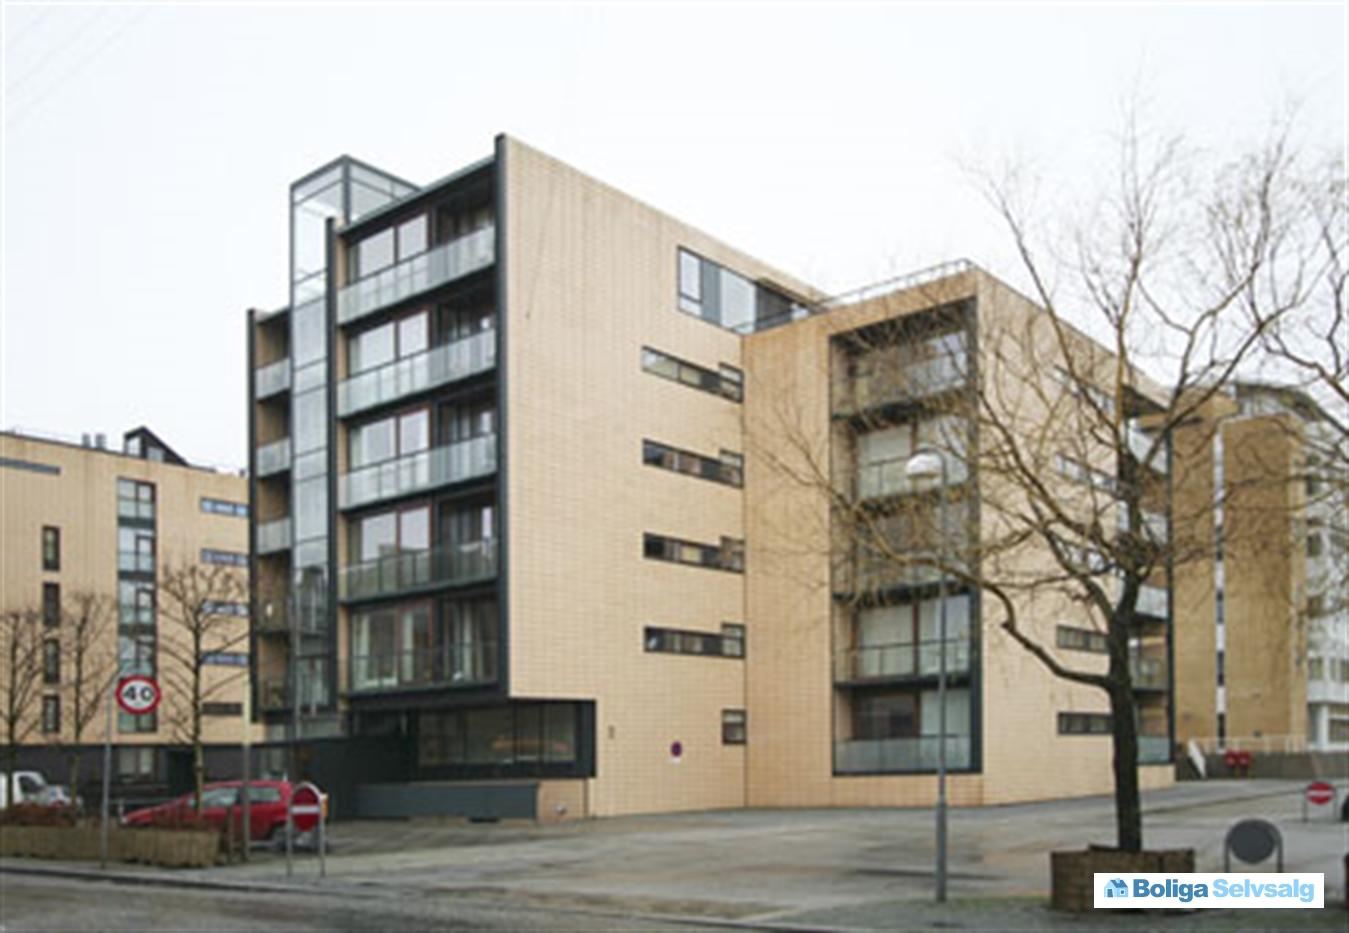 Indiakaj 7, 2. th., 2100 københavn Ø   stilren luksuslejlighed med ...